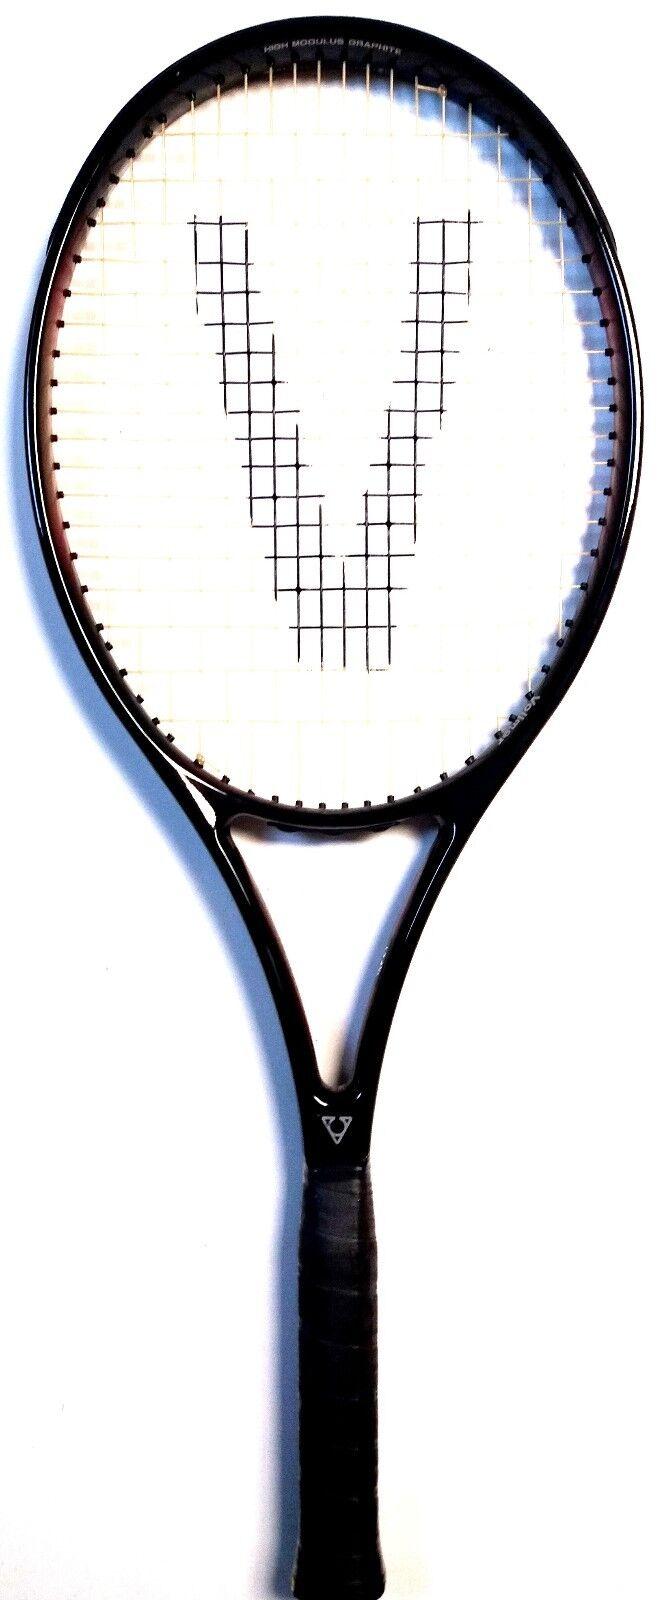 Vollmer Parabolic VR 700 Griff 2 = 4 1 4 Tennischläger